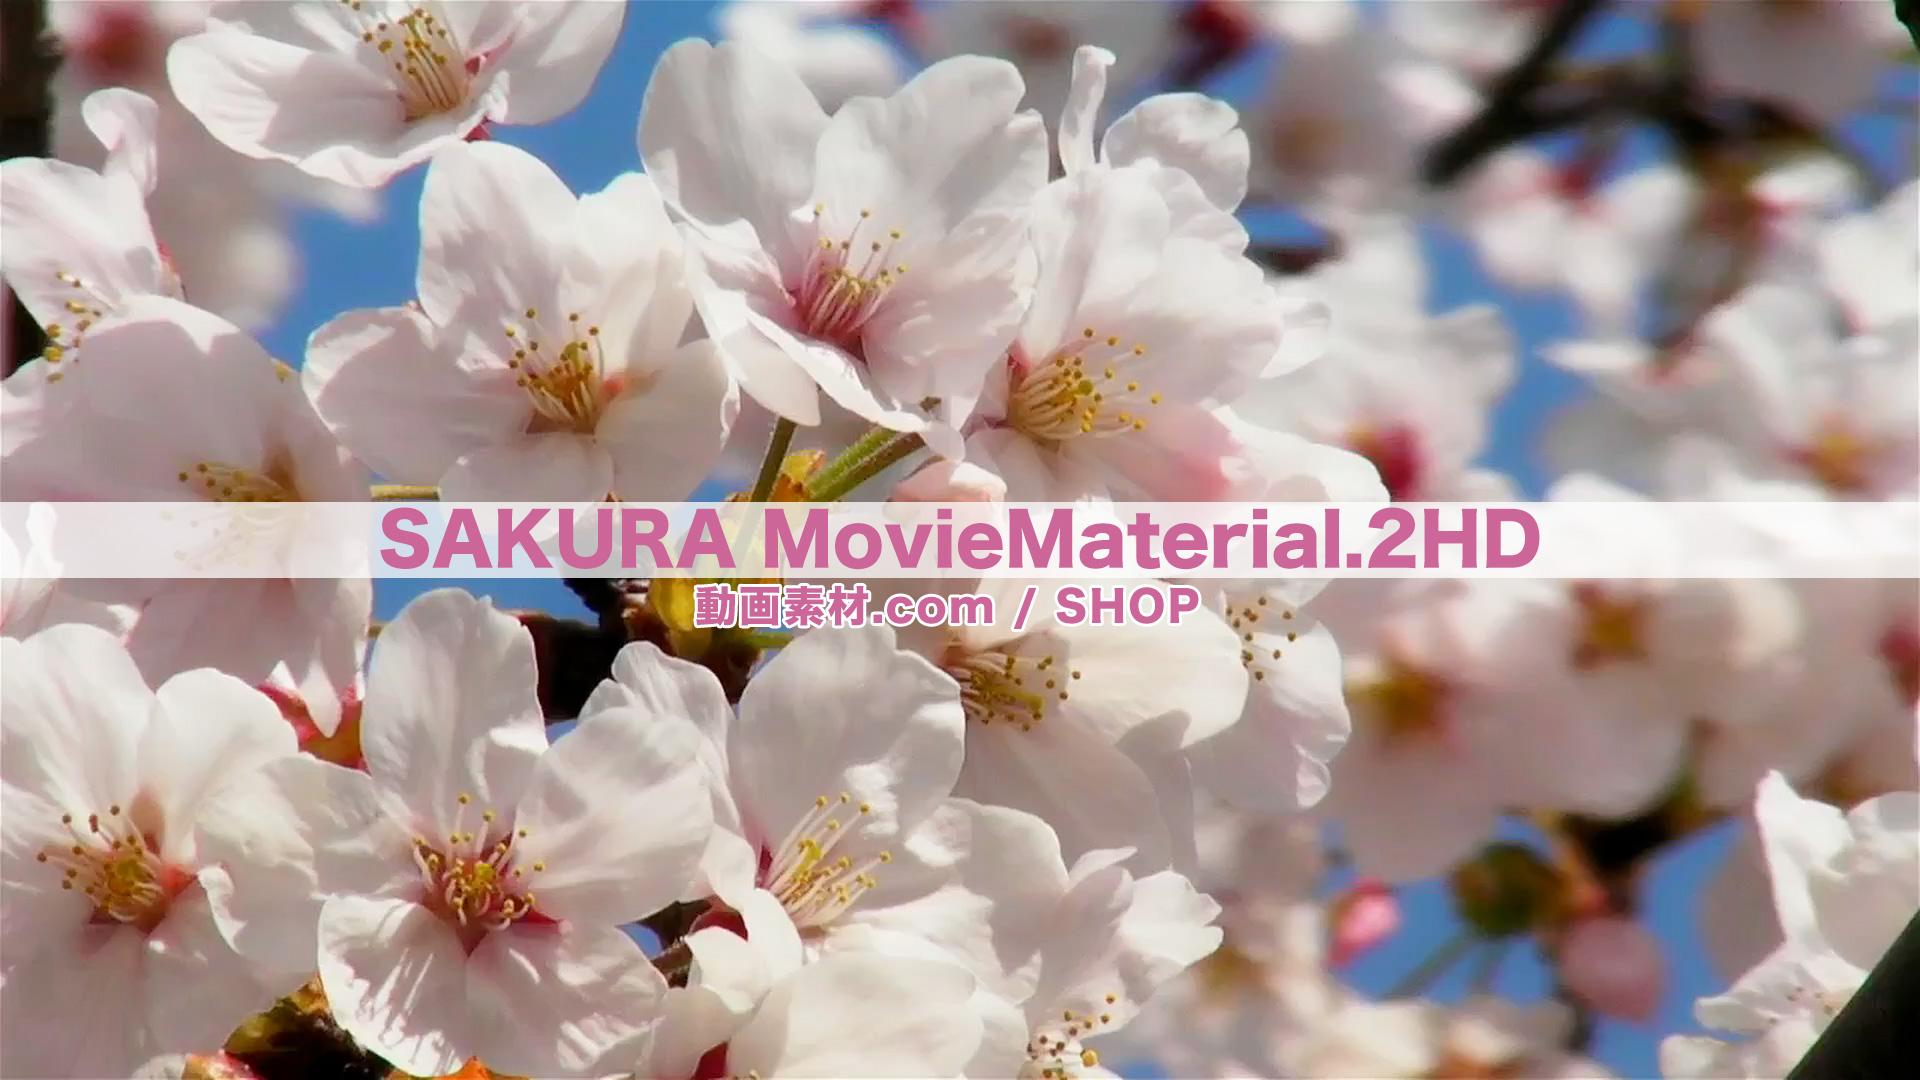 SAKURA2HD_2